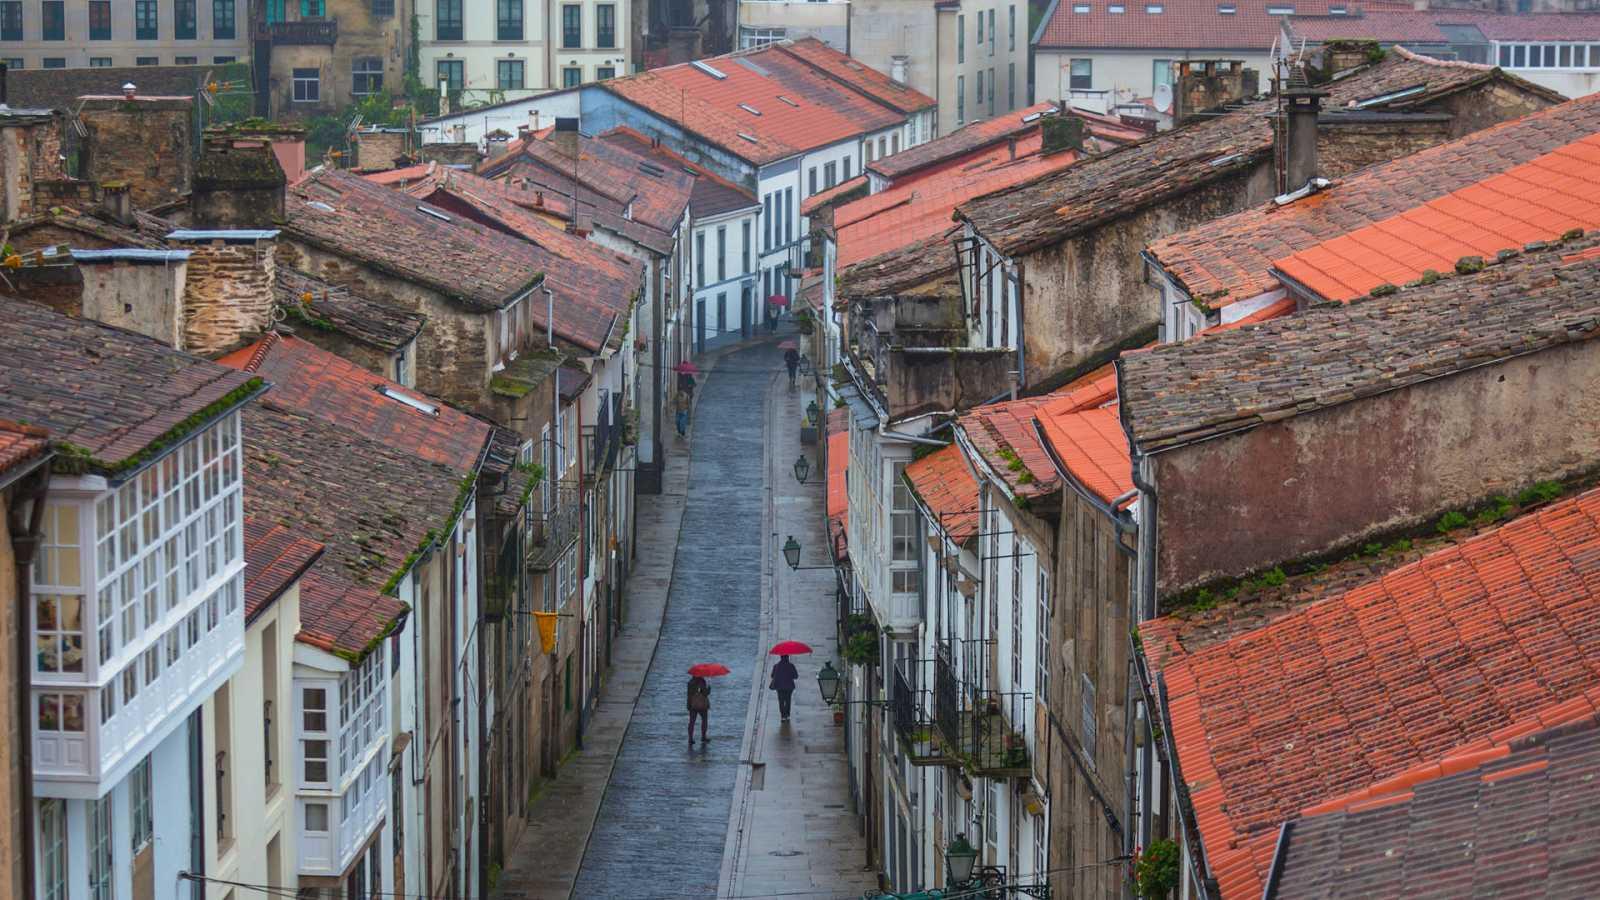 Lluvia fuerte en Galicia y bajada térmica en la mitad oeste peninsular - Ver ahora